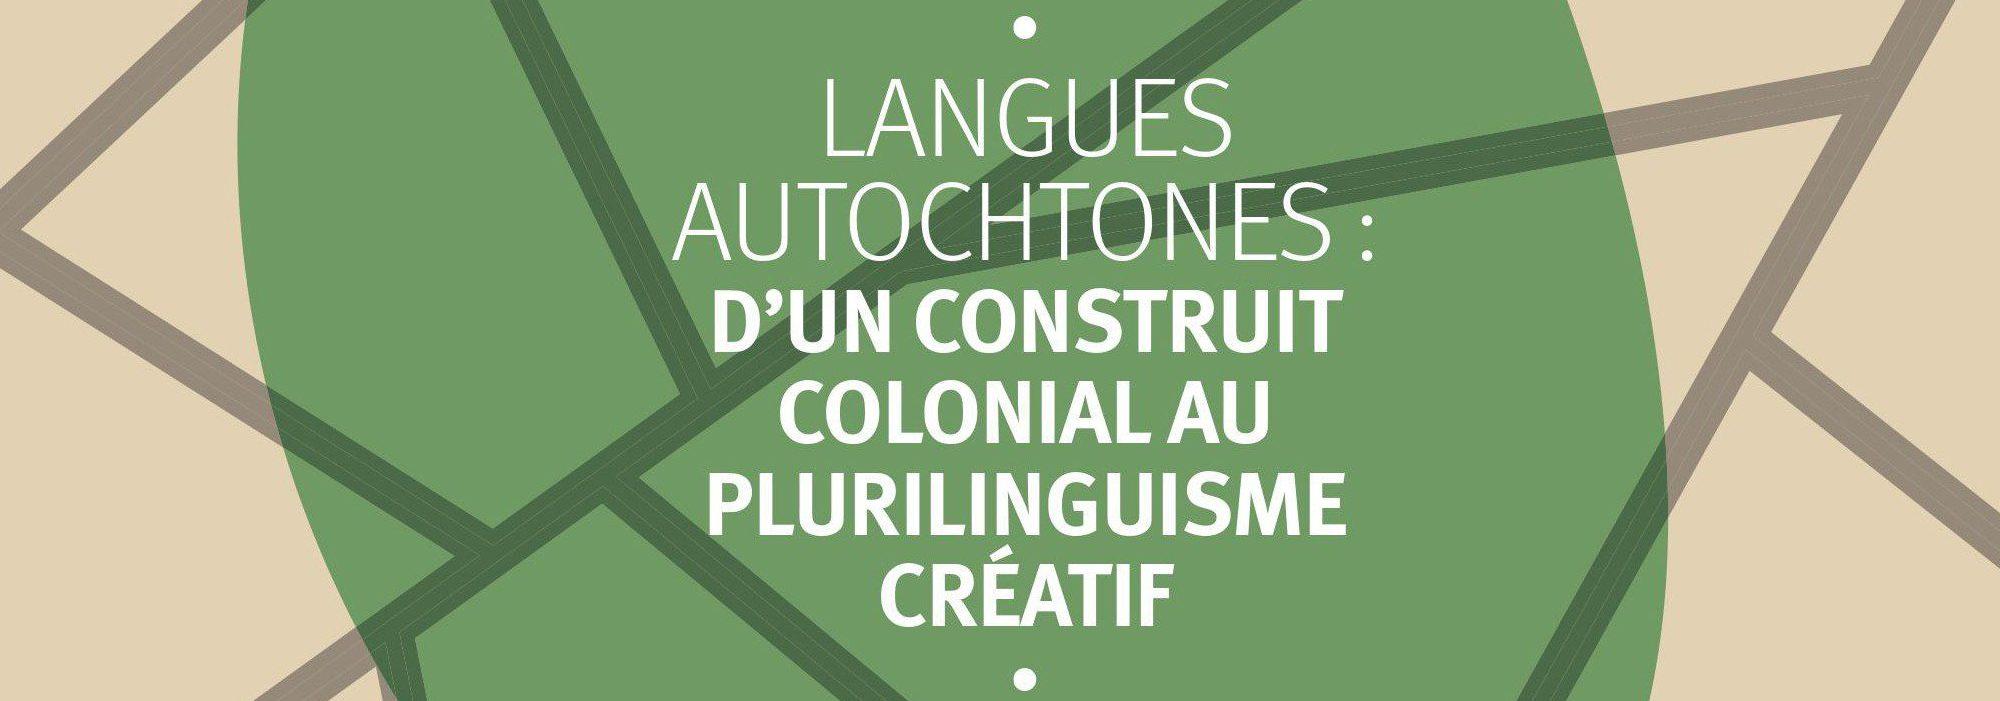 """""""Langues autochtones : d'un construit colonial au plurilinguisme créatif"""""""